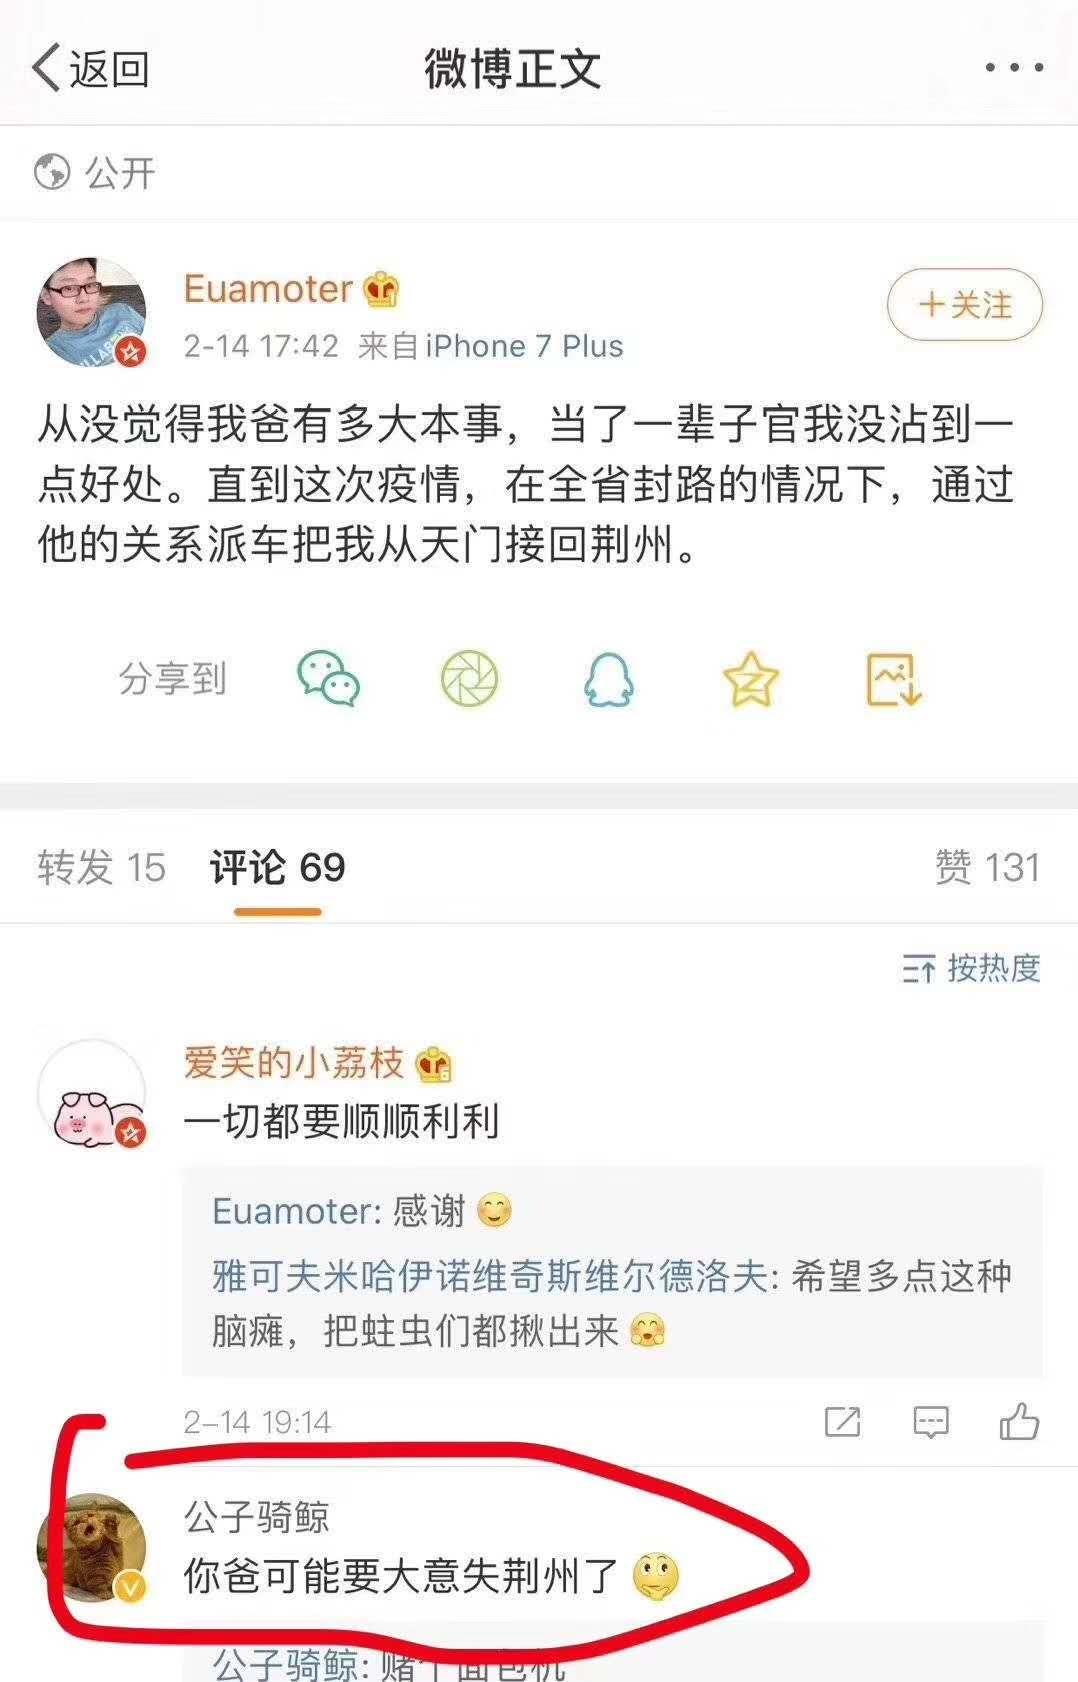 """男子自称""""当官的父亲派车接回荆州"""" 多部门调查图片"""